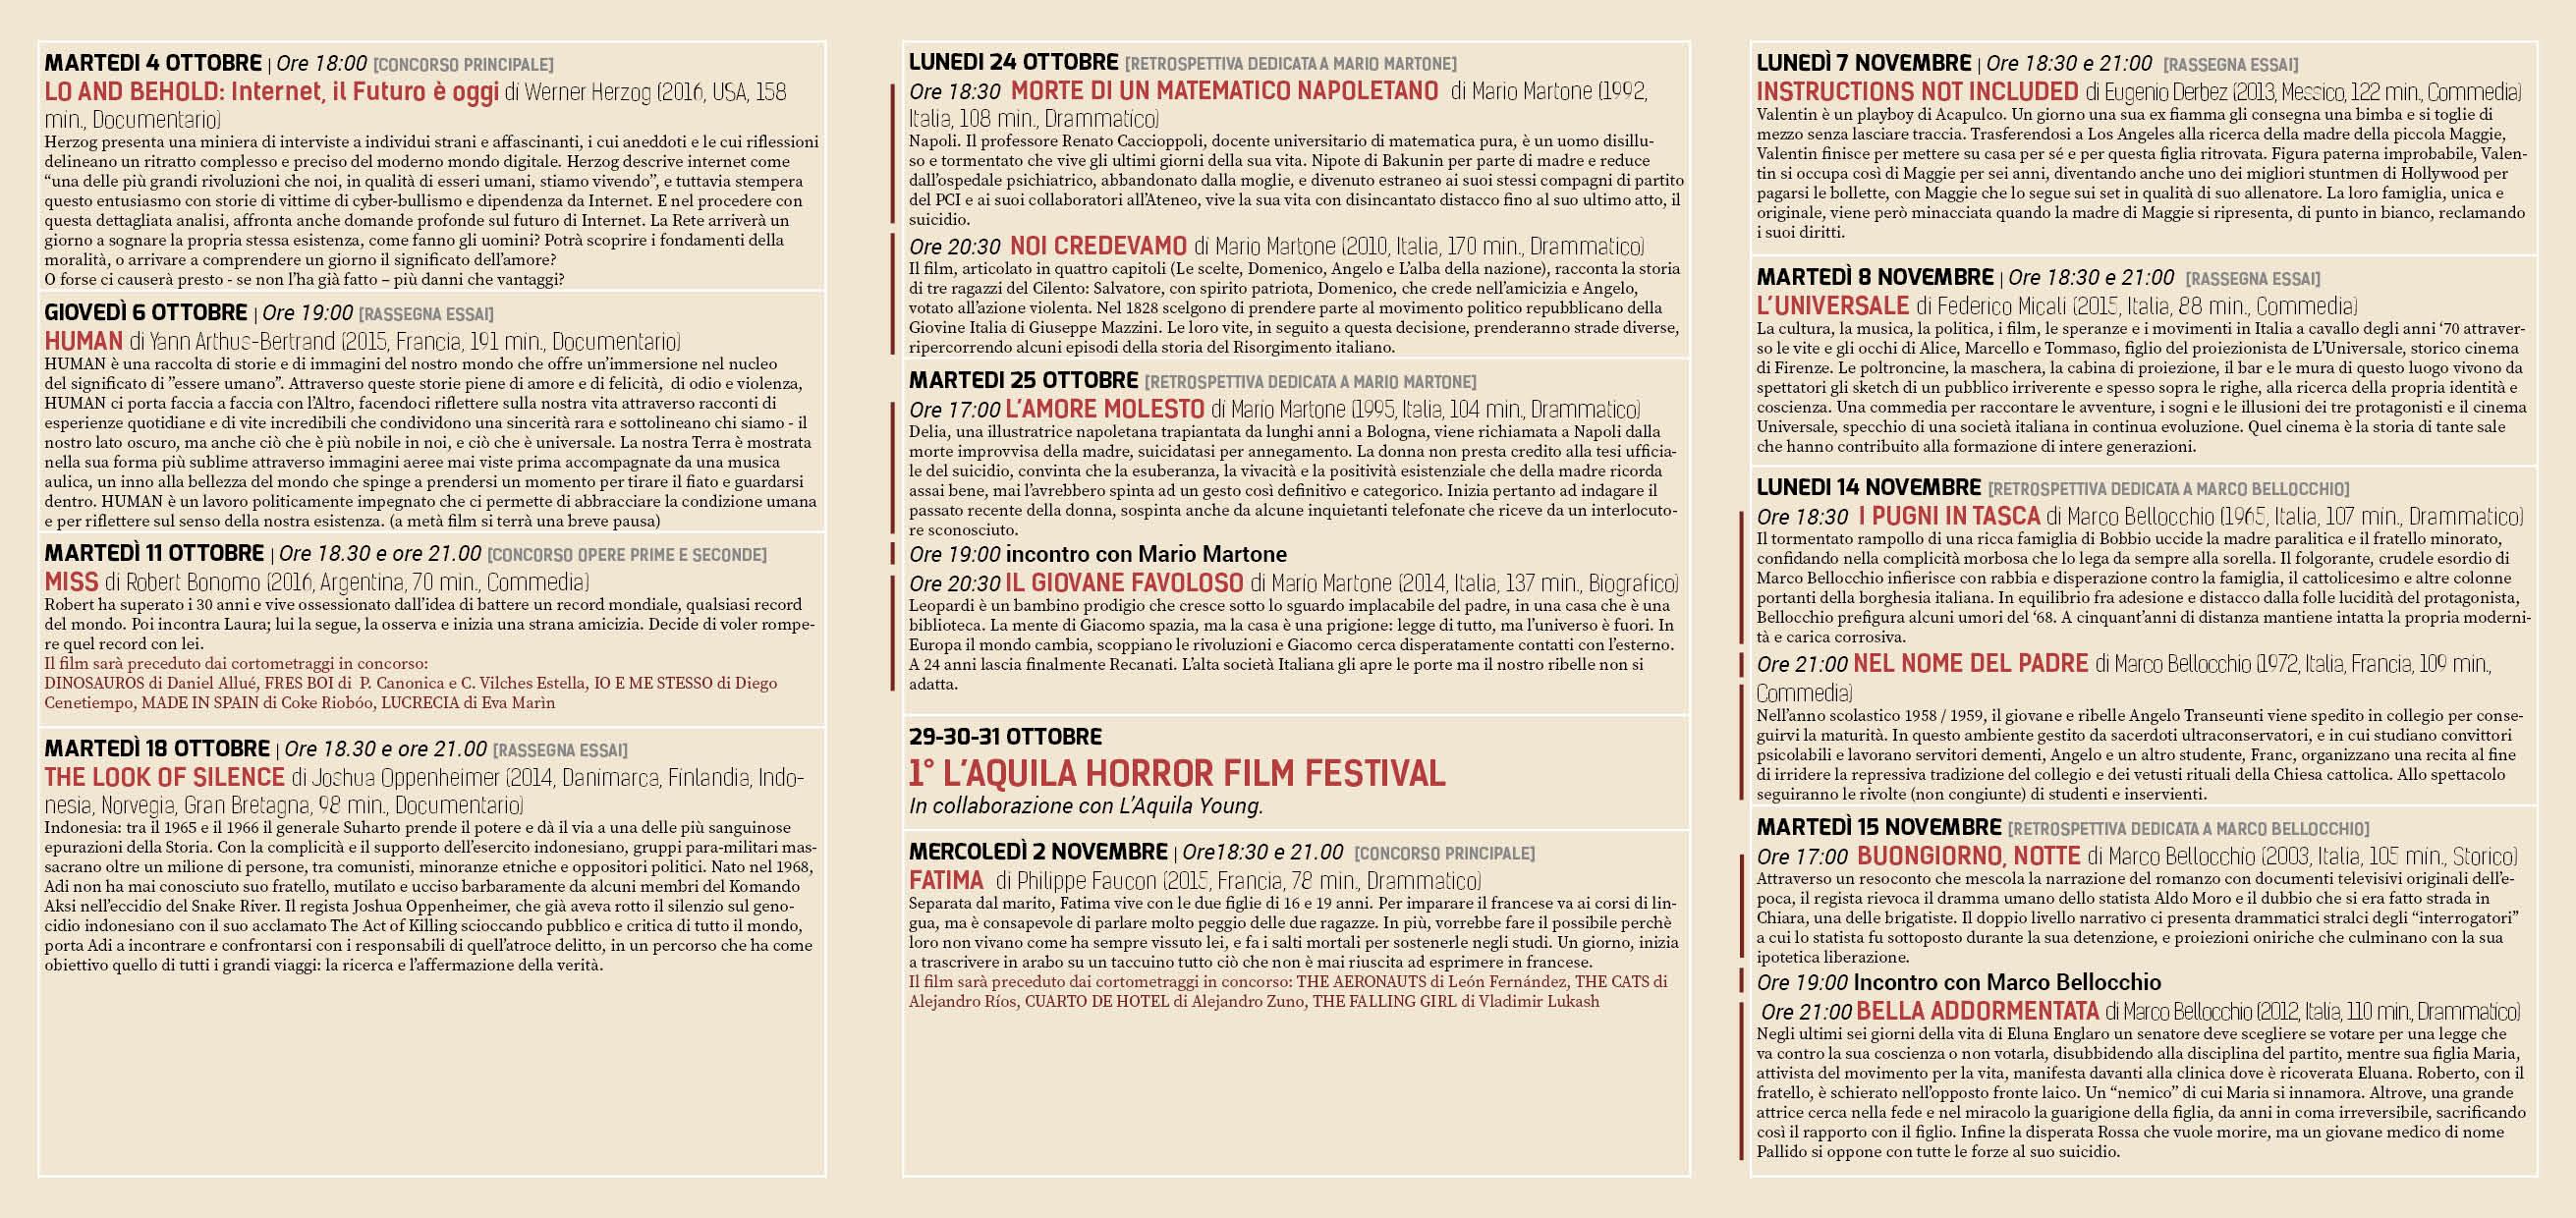 programma-aquila-film-festival-11jpg2